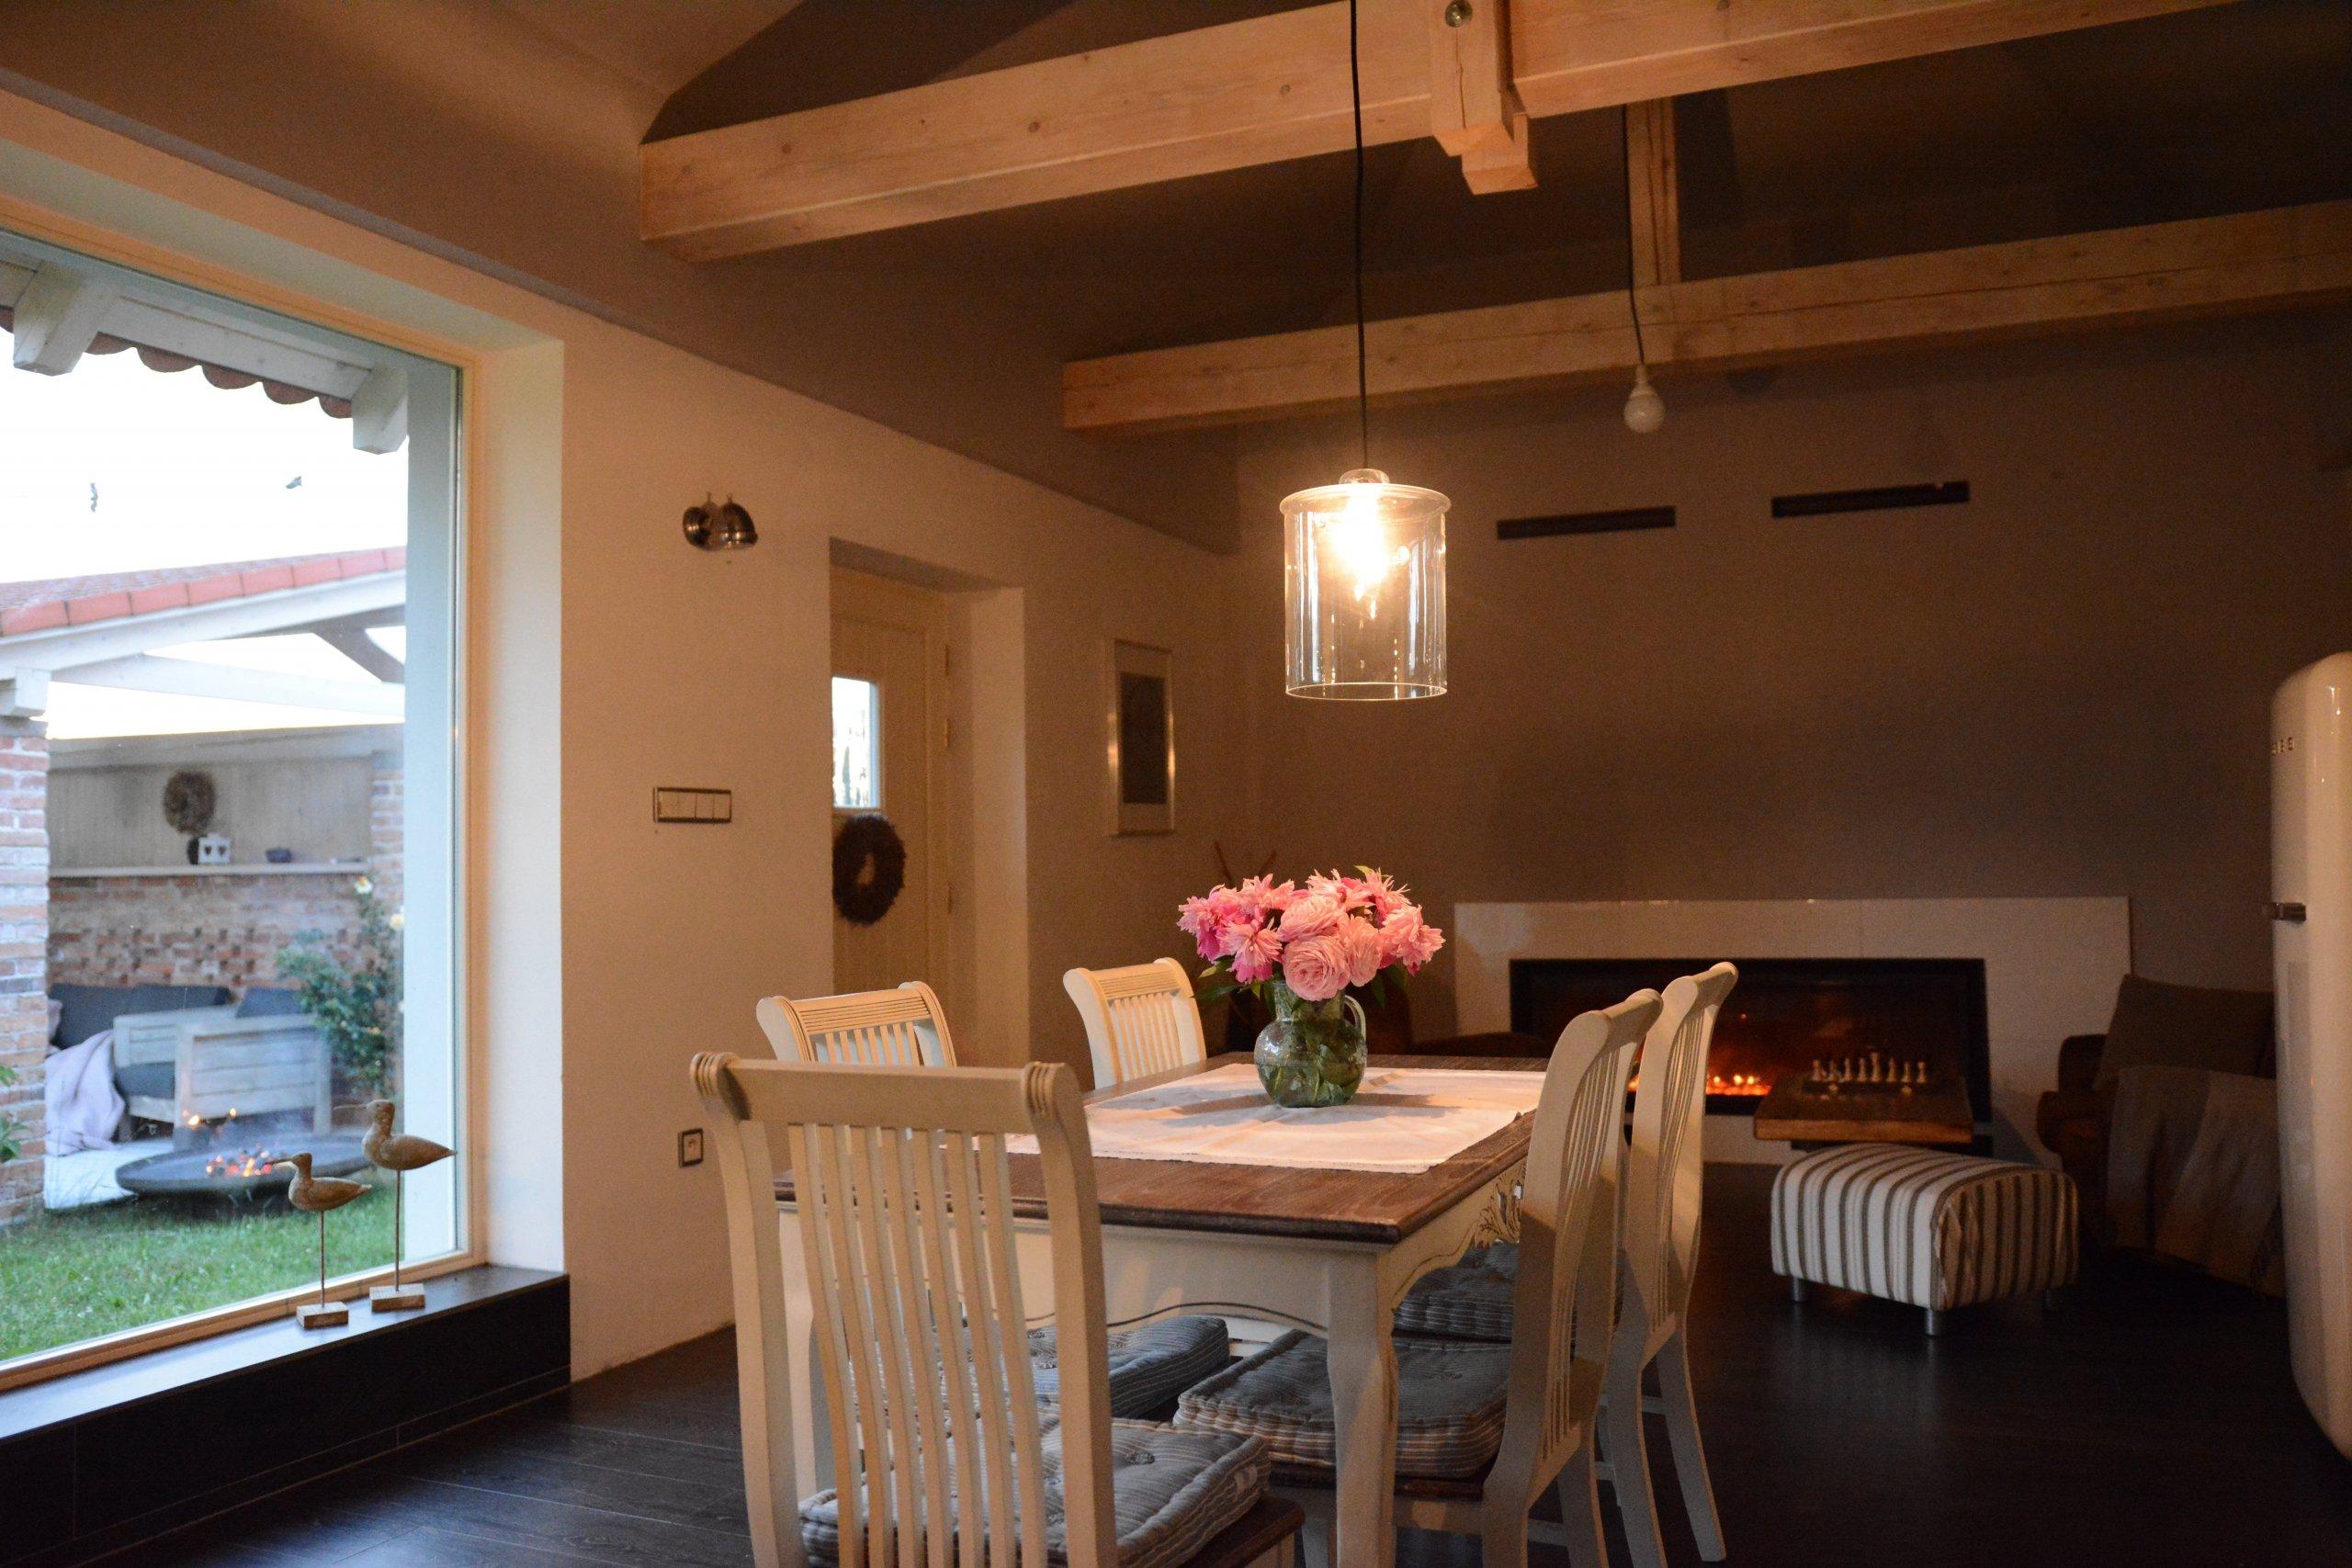 Jídelna a obývák v jednom k posezení a výhledem skrz velké francouzské okno.